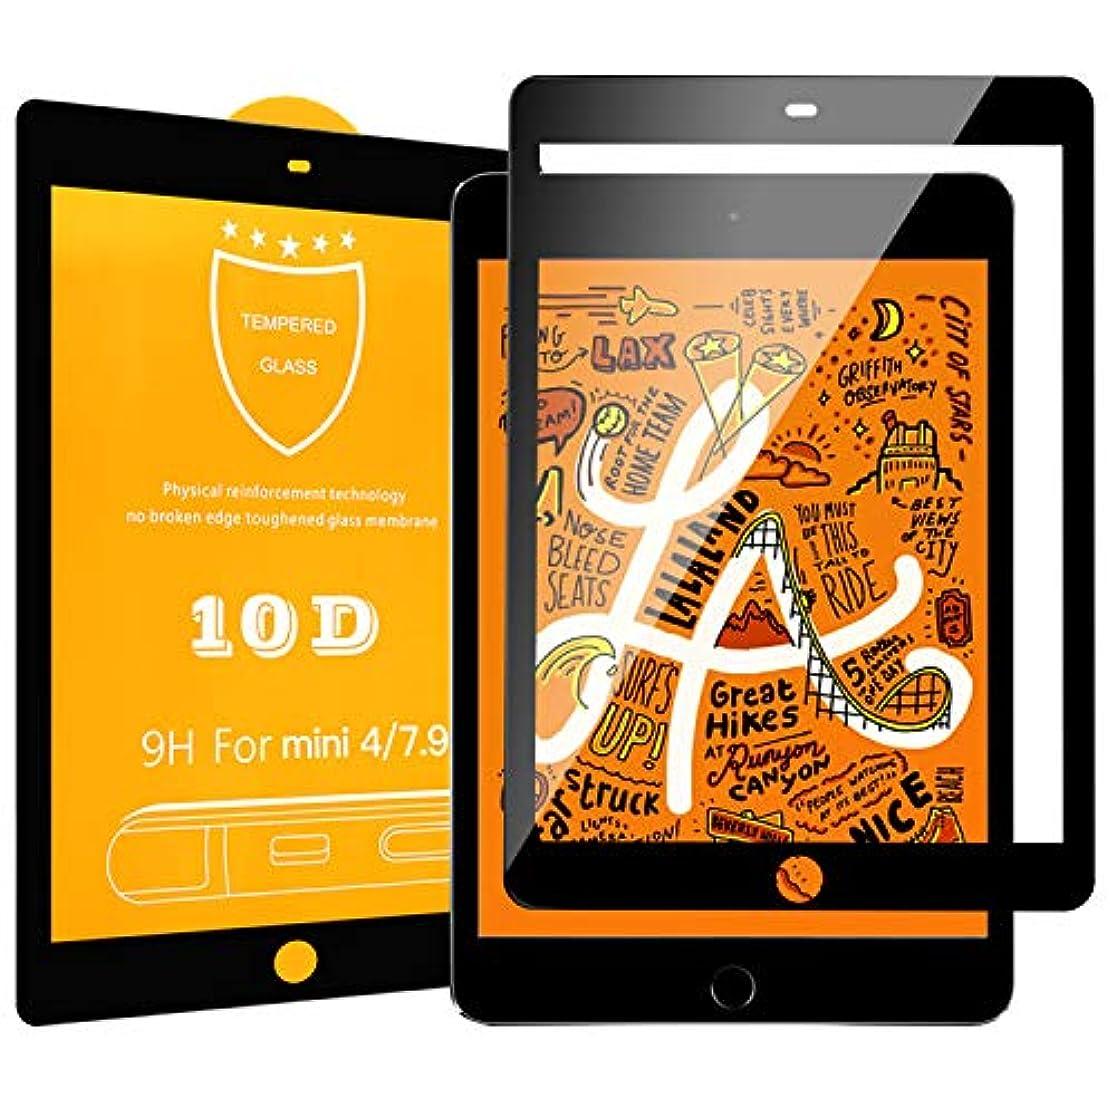 略す額バレーボールDadanism NEW iPad mini 5 7.9 2019 / iPad mini 4 2015タブレット保護フィルム 高感度タッチ 強化ガラス液晶保護フィルム 超薄型 PC保護フィルム 高透過率 貼付簡単 気泡ゼロ 指紋防止 BLACK 透明